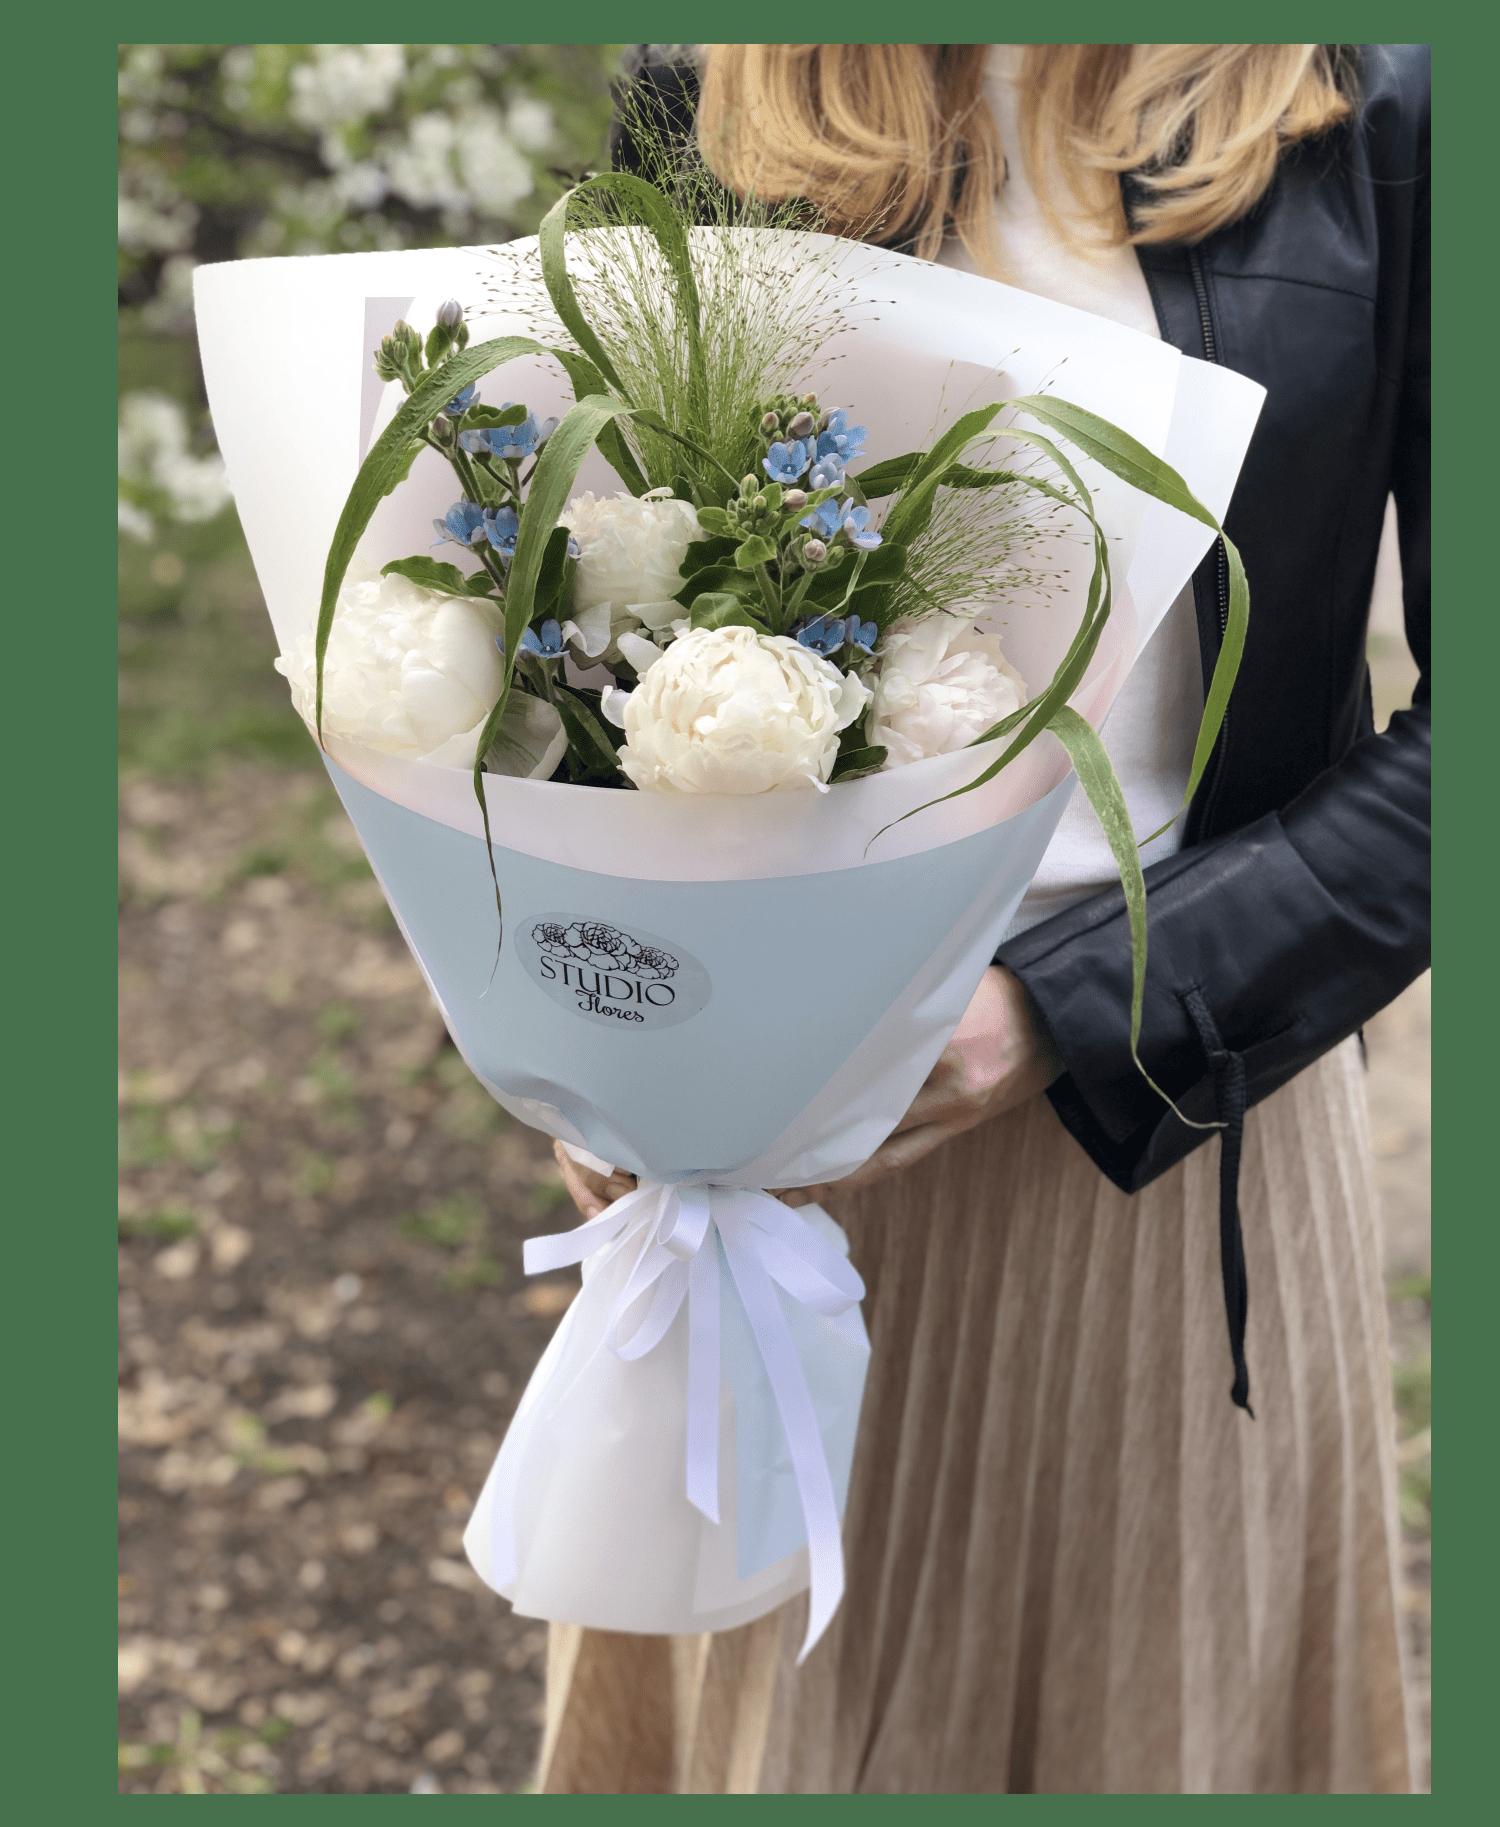 Букет белых пионов – Інтернет-магазин квітів STUDIO Flores